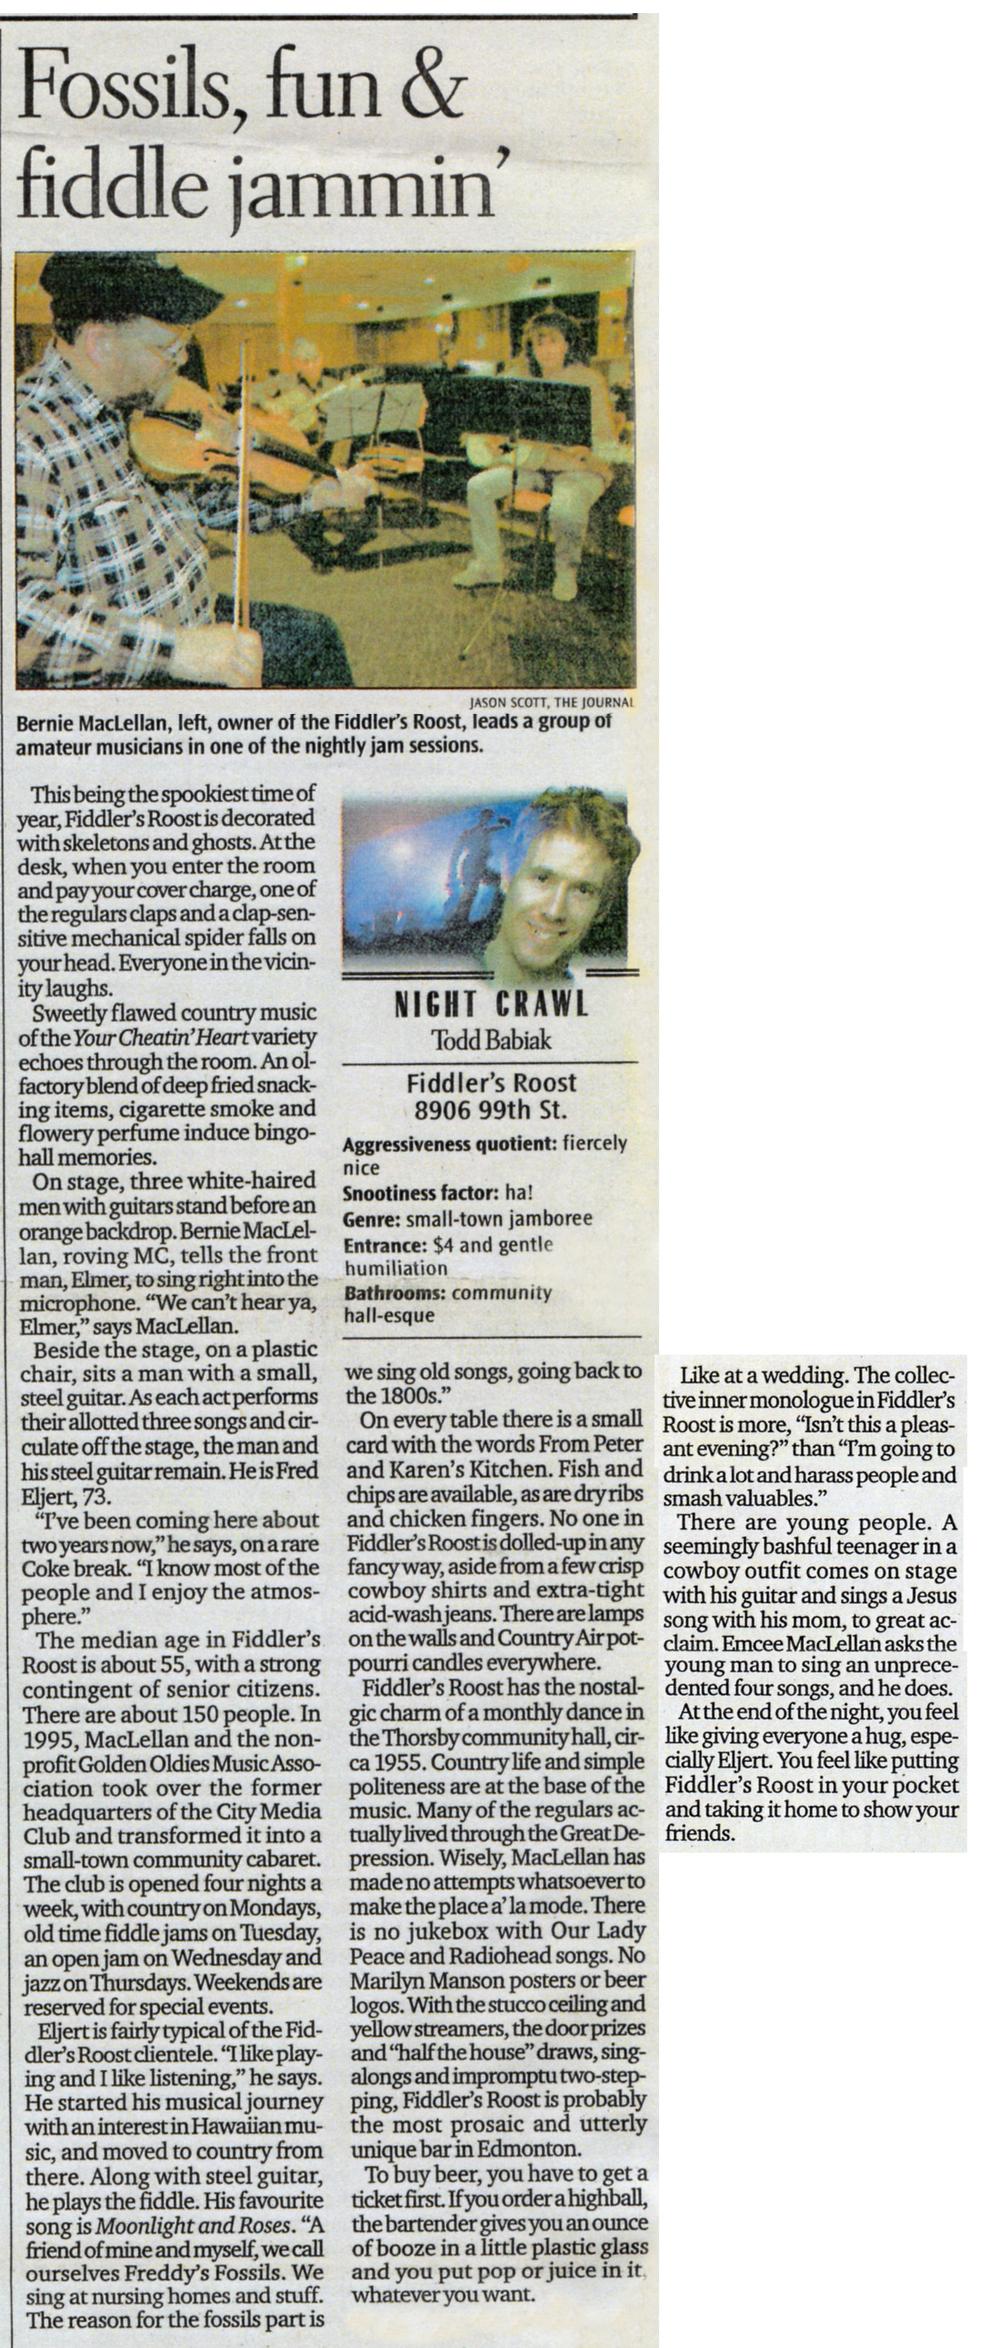 Edmonton Journal - October 25, 2001